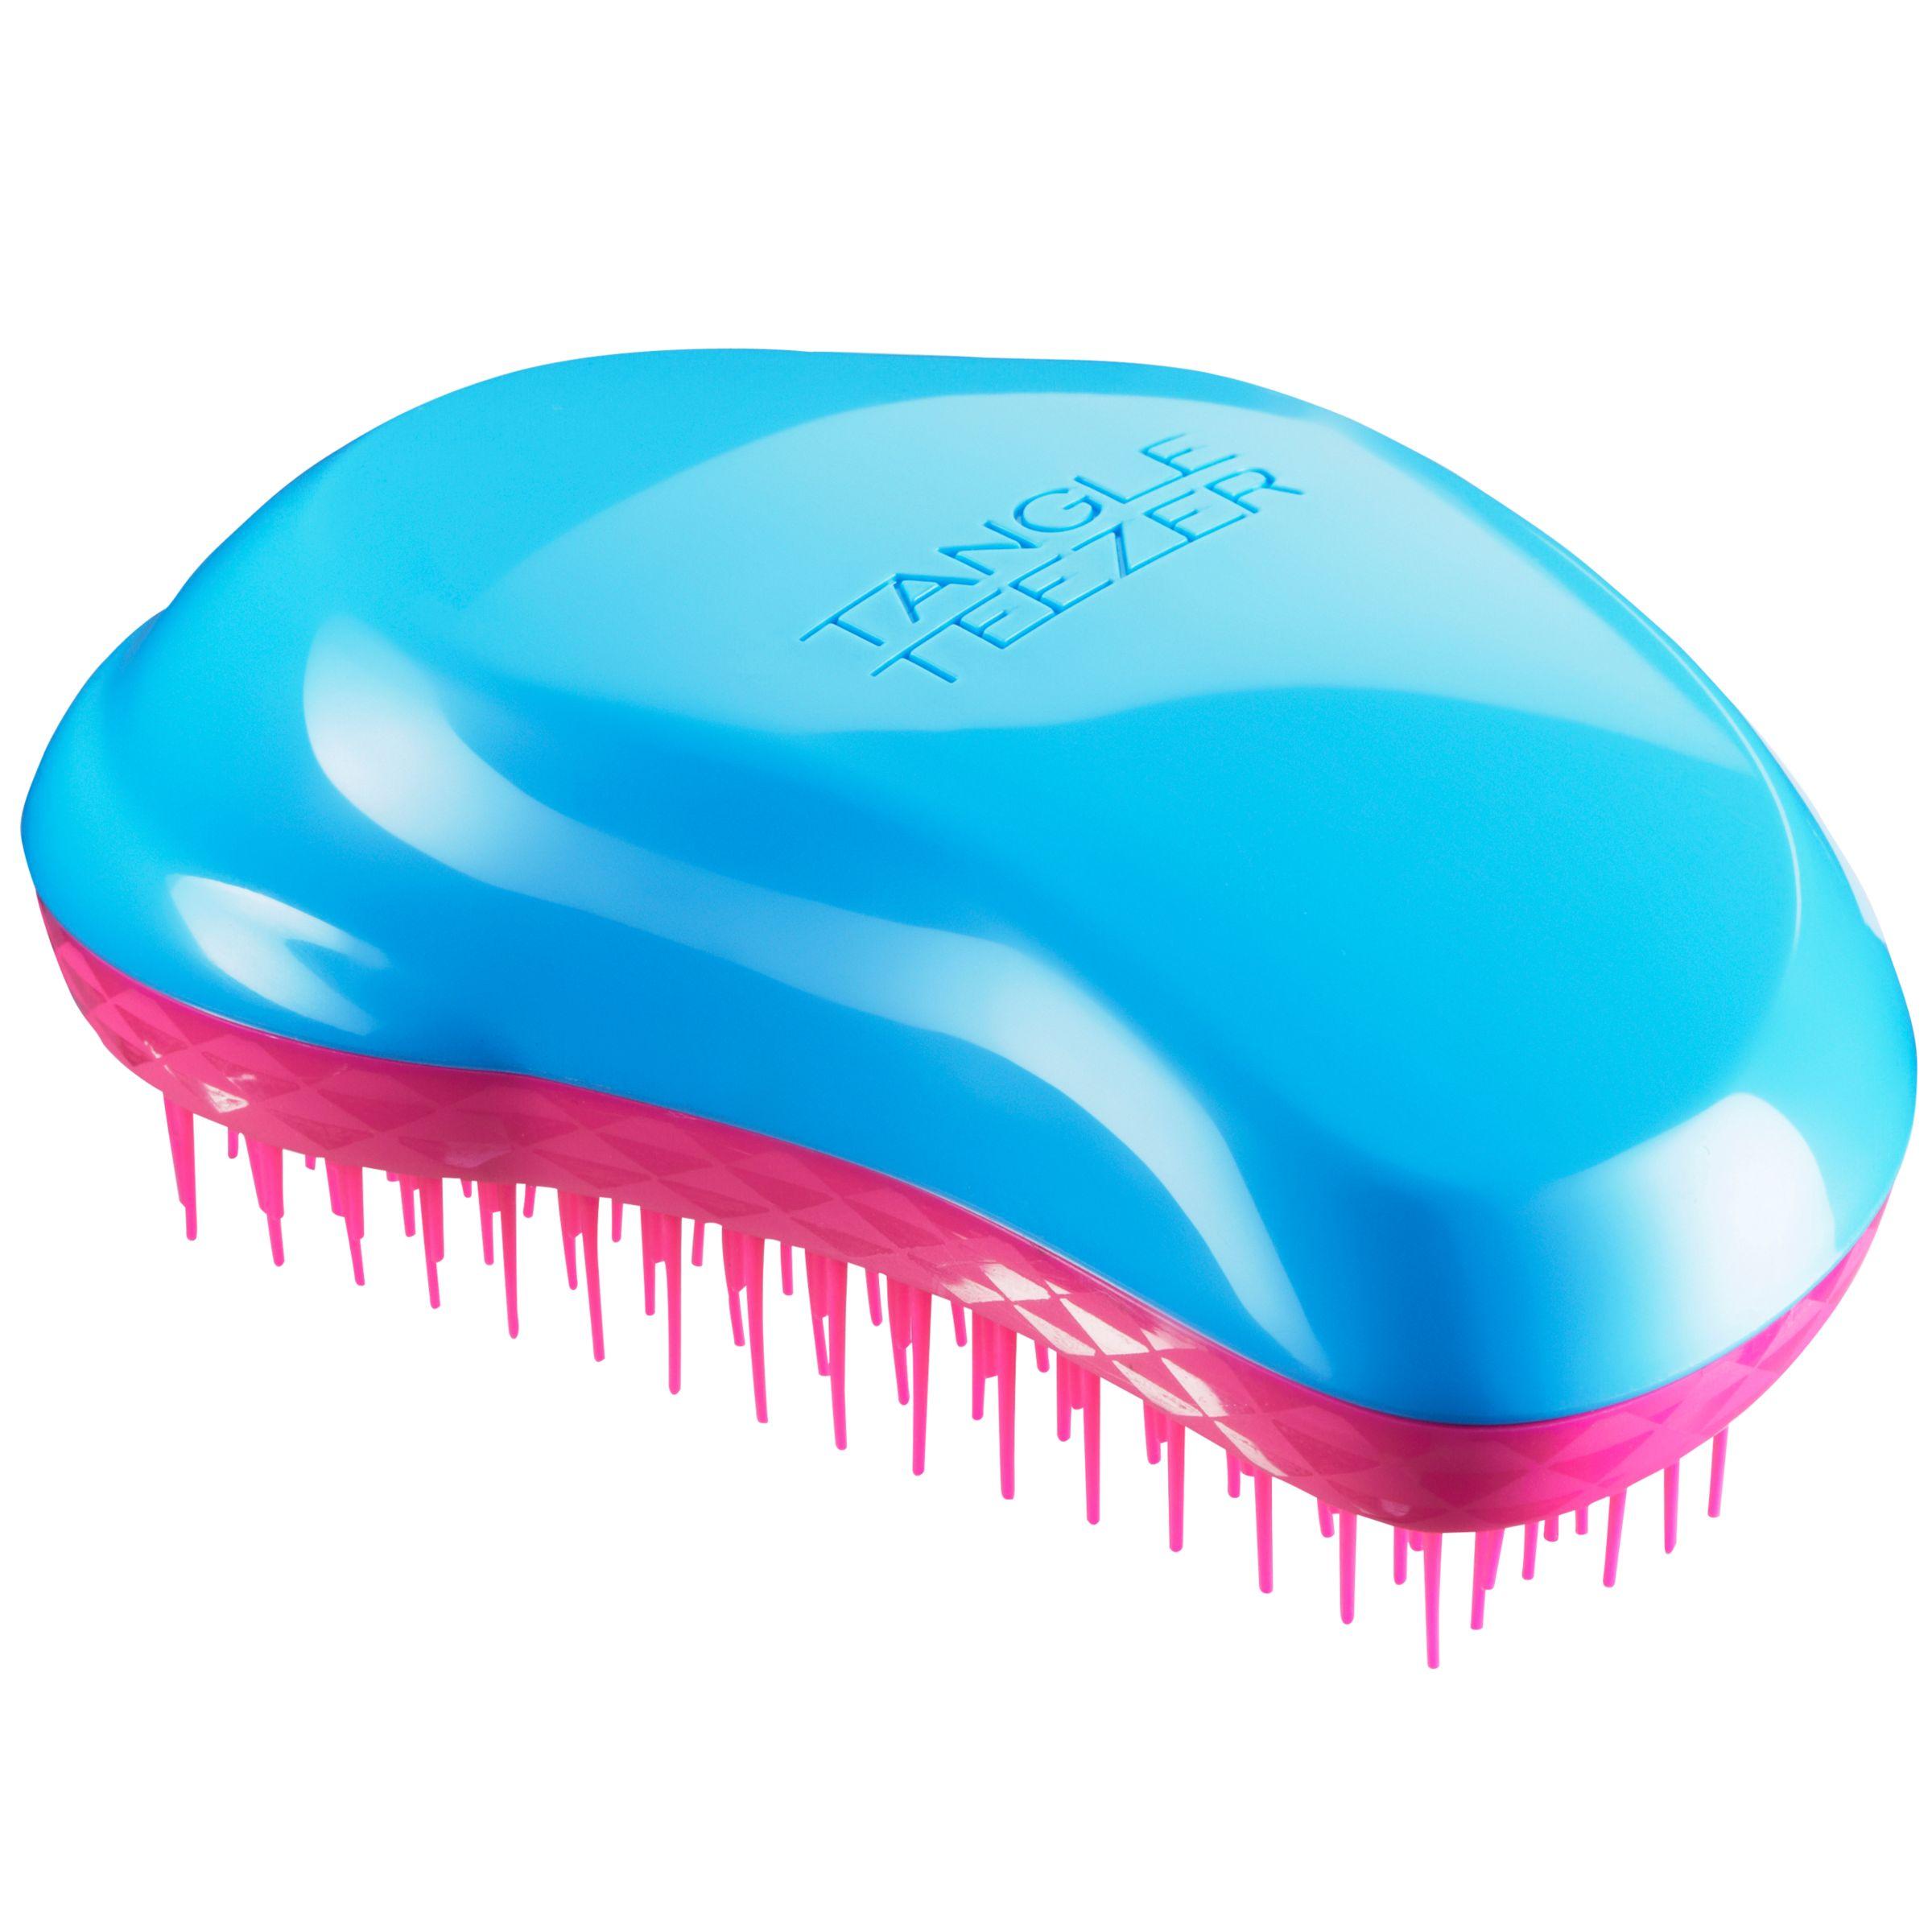 Tangle Teezer Tangle Teezer Original Detangling Hair Brush